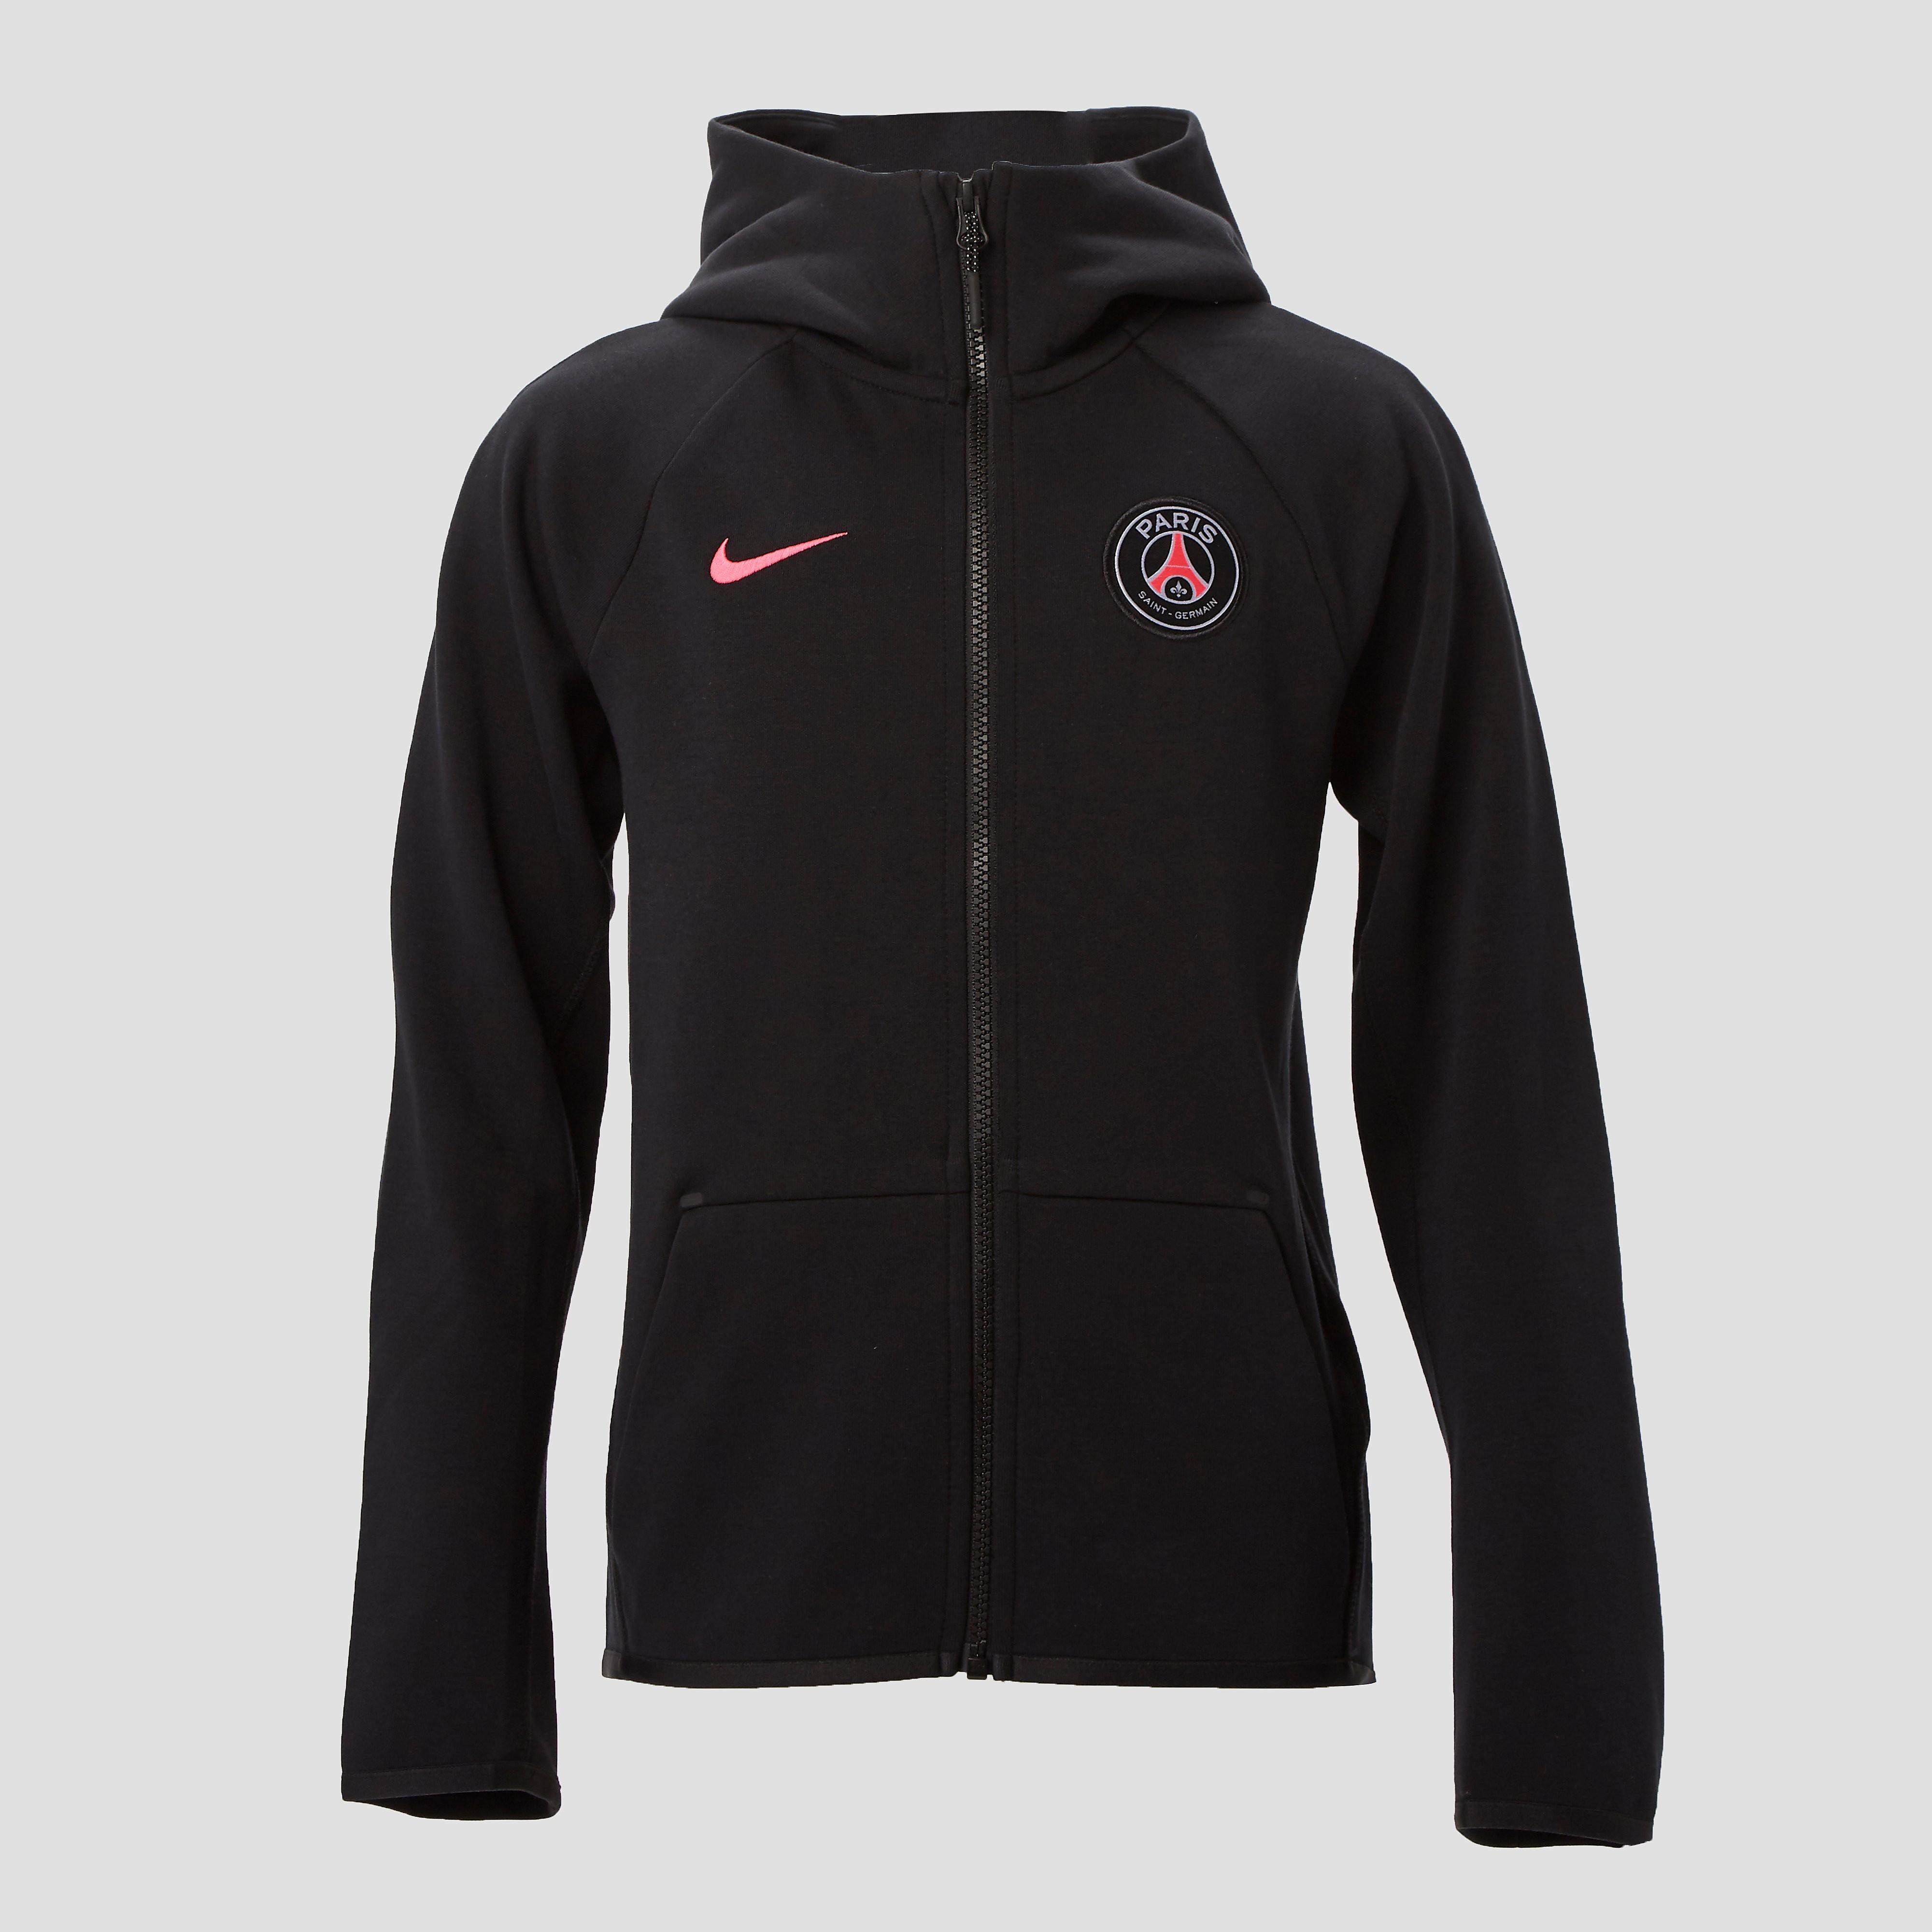 678555620ce Nike Psg Sportswear Tech Fleece Vest Zwartroze Kinderen nike kopen in de  aanbieding